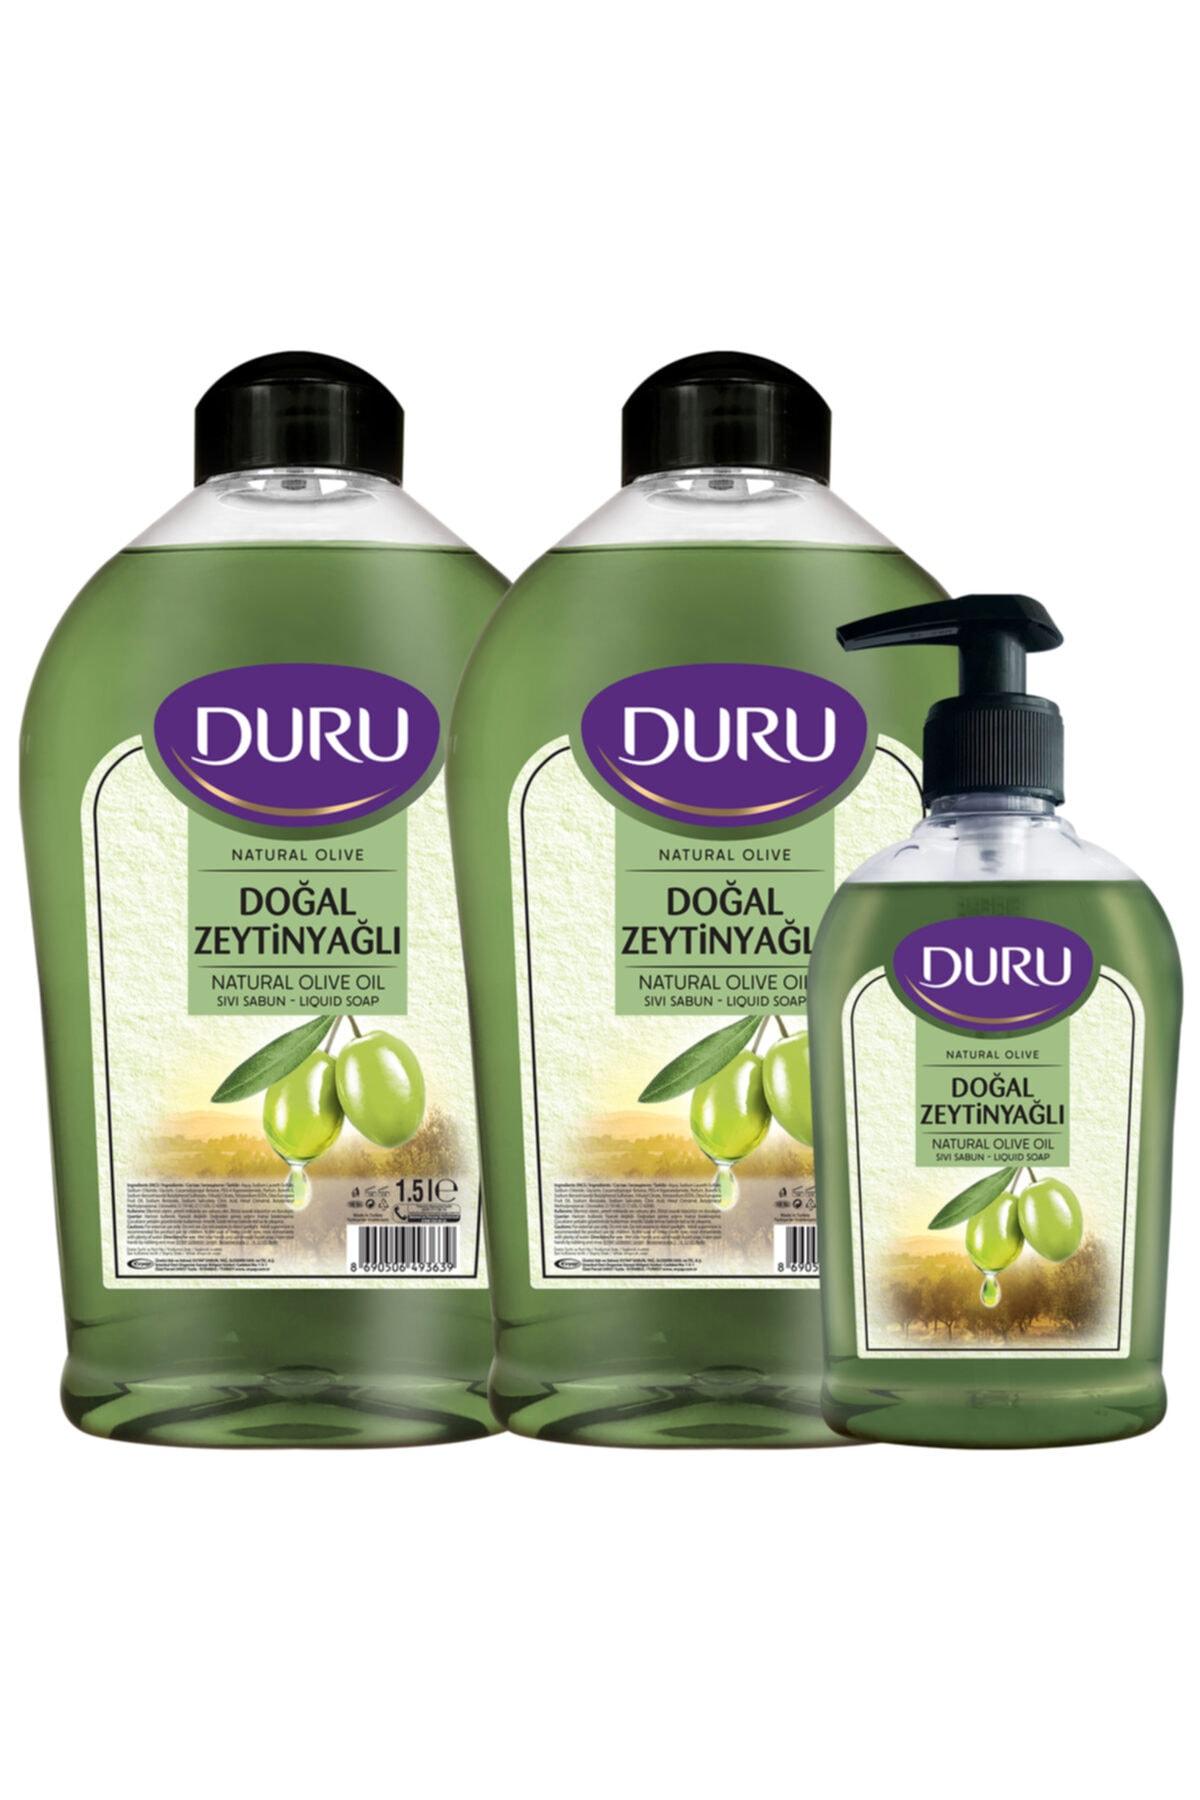 Duru Natural Olive Zeytinyağlı Sıvı Sabun 1,5+1,5+300ml 1